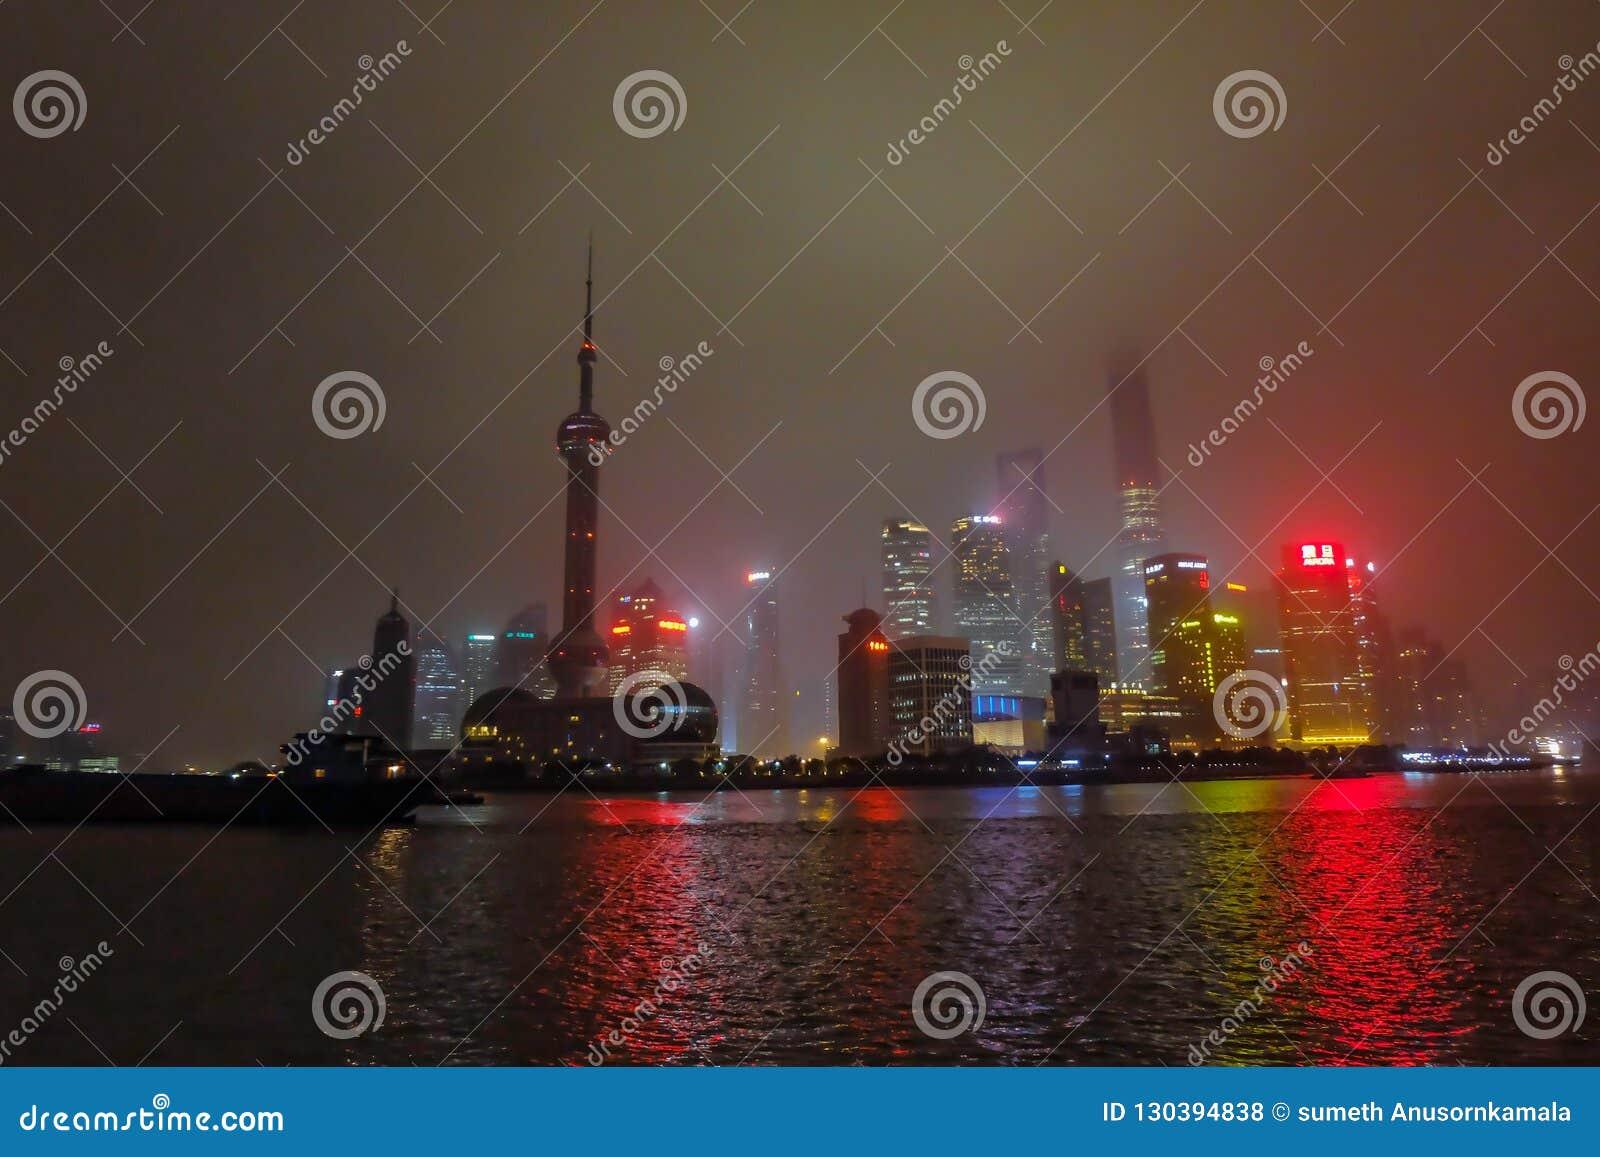 Nightscape бунда с туманом или туман покрывают бунд в сезоне зимы, фарфор Шанхая, черный белый тон